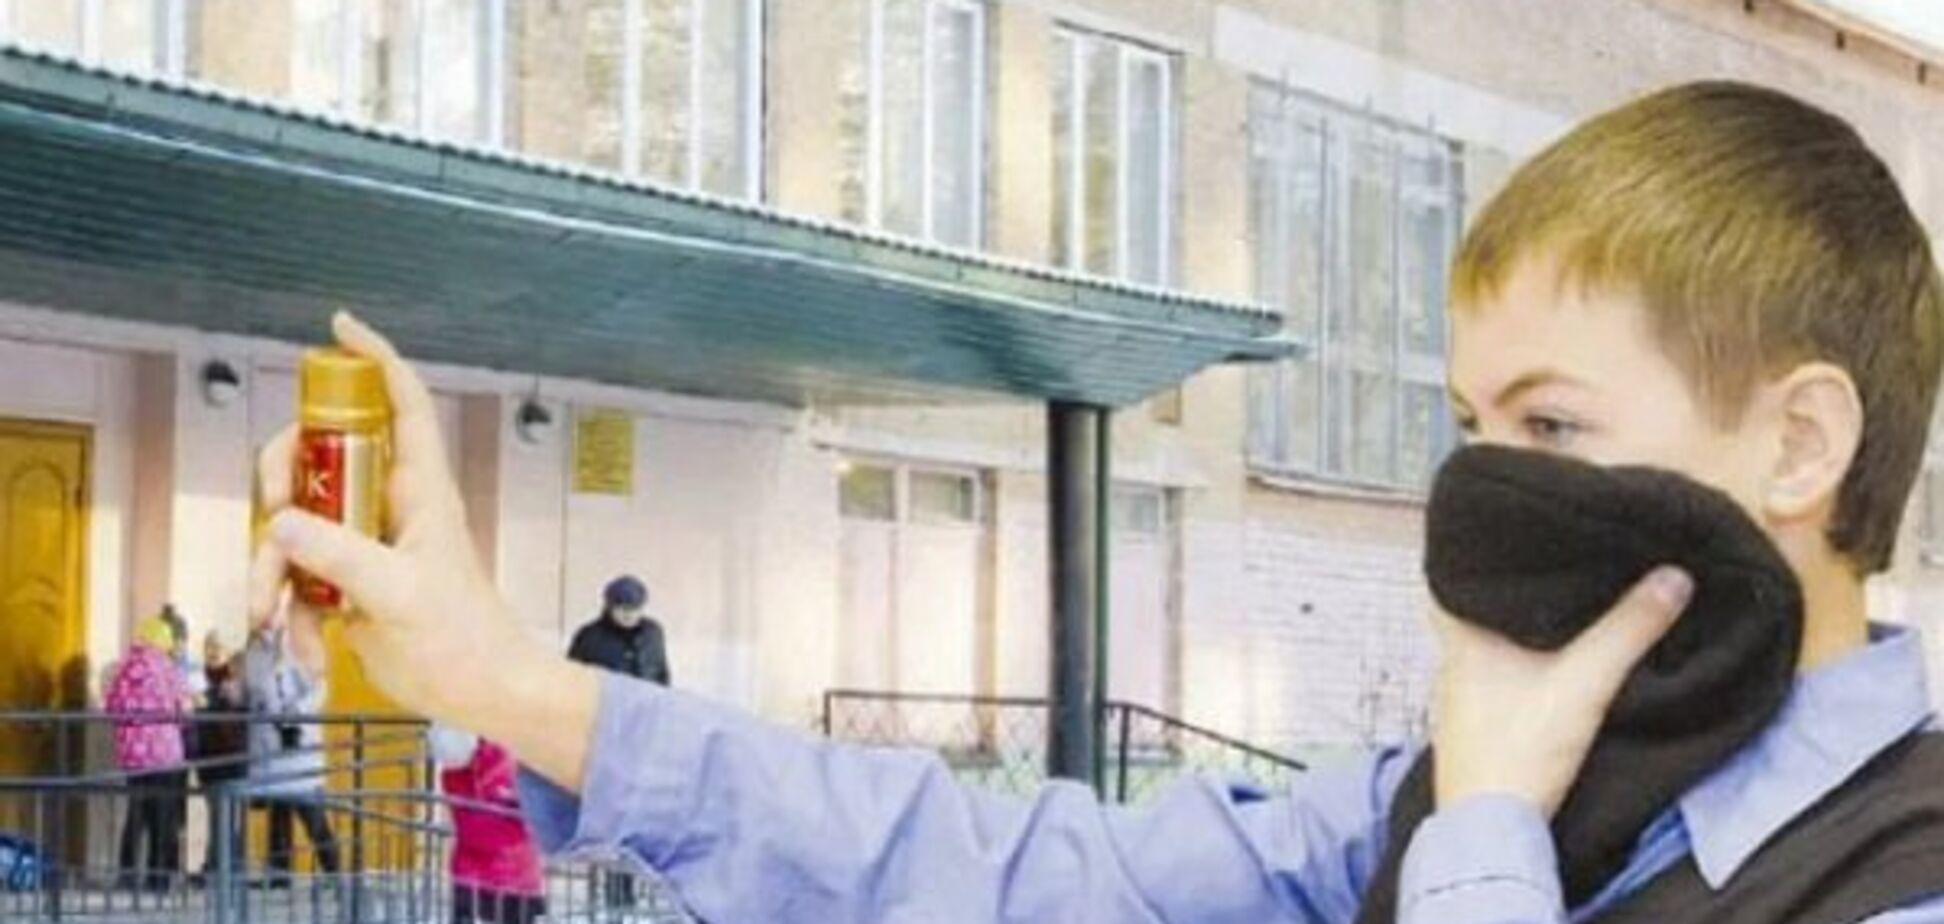 Дети кричали: в Одессе школьник распылил в классе газовый баллончик